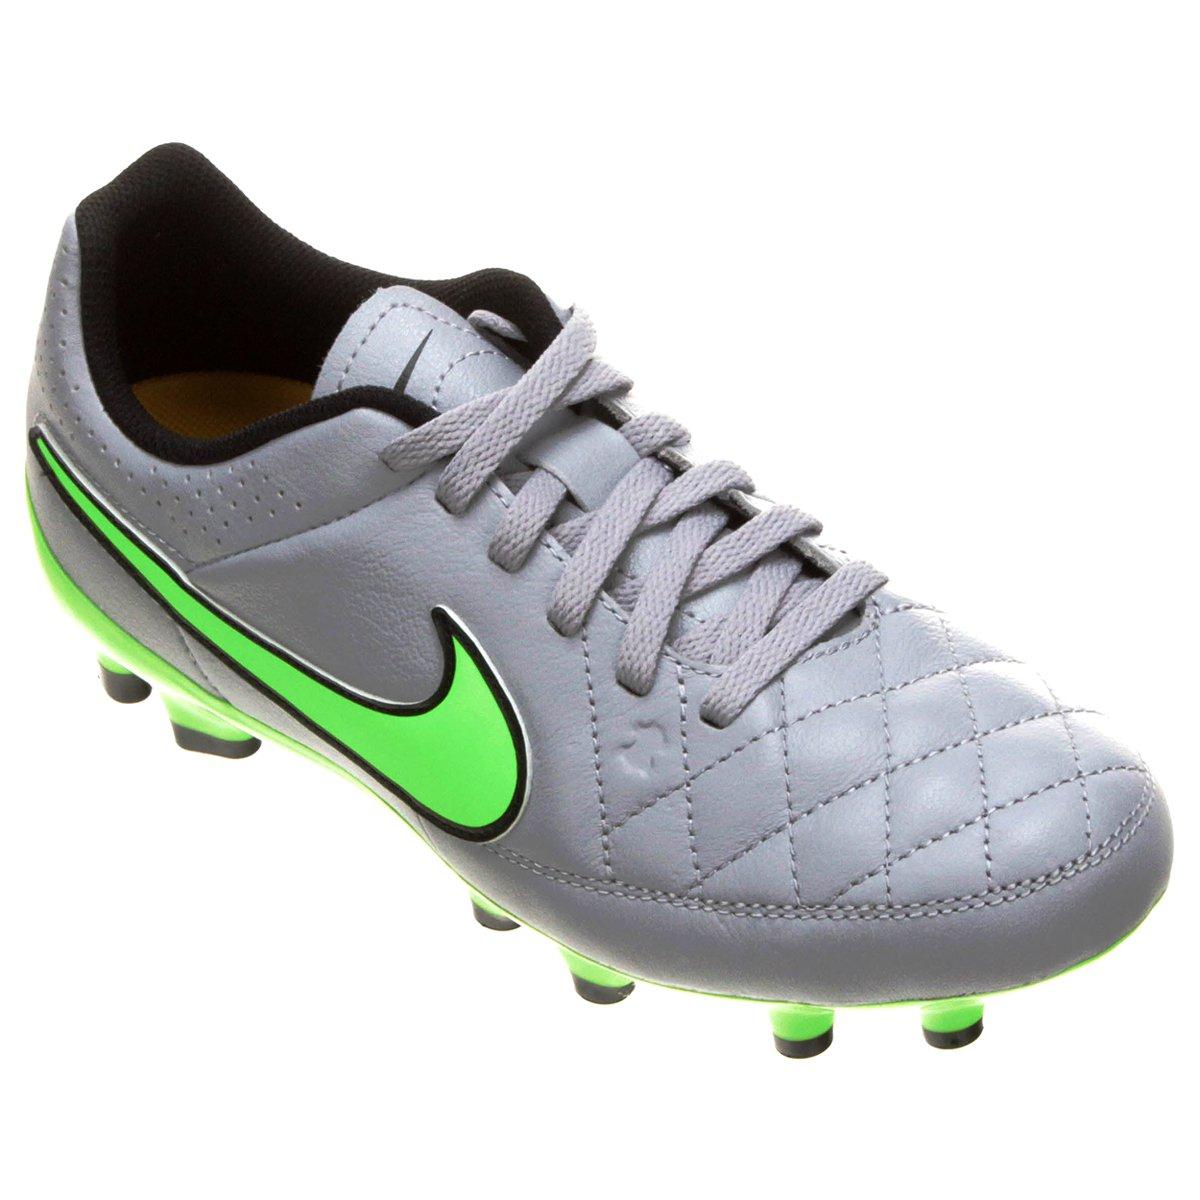 78fa80eaf9 Chuteira Nike Tiempo Gênio Leather FG Campo Infantil - Compre Agora ...